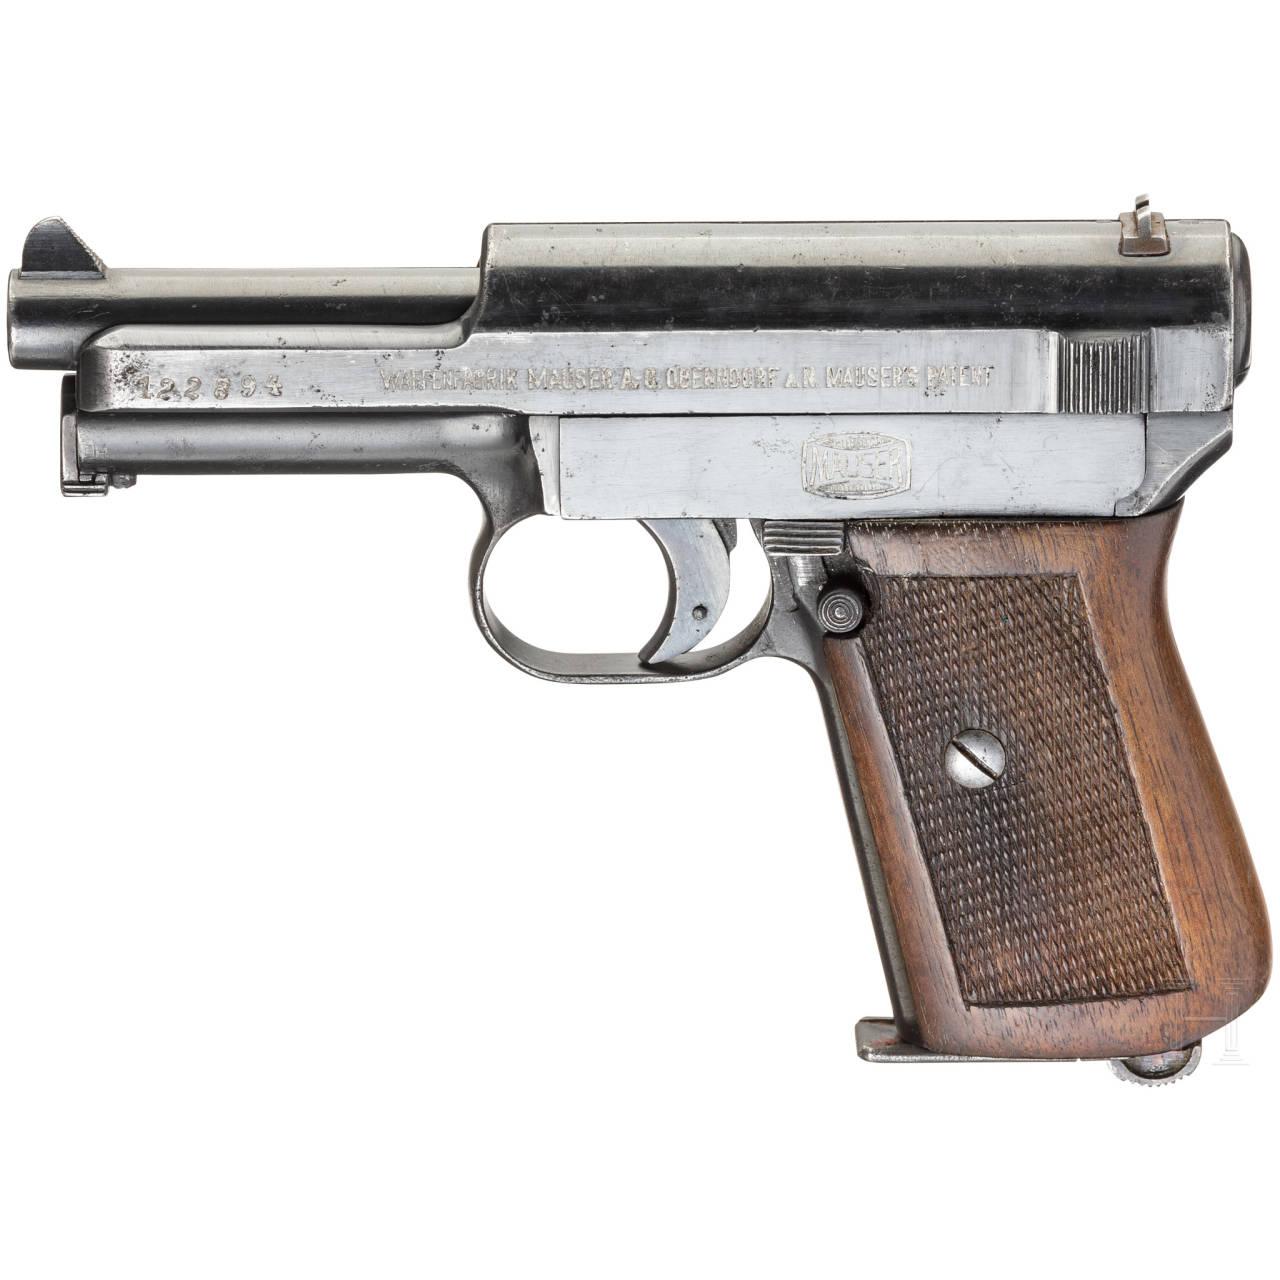 Mauser Mod. 14, Militärkontrakt, mit Tasche